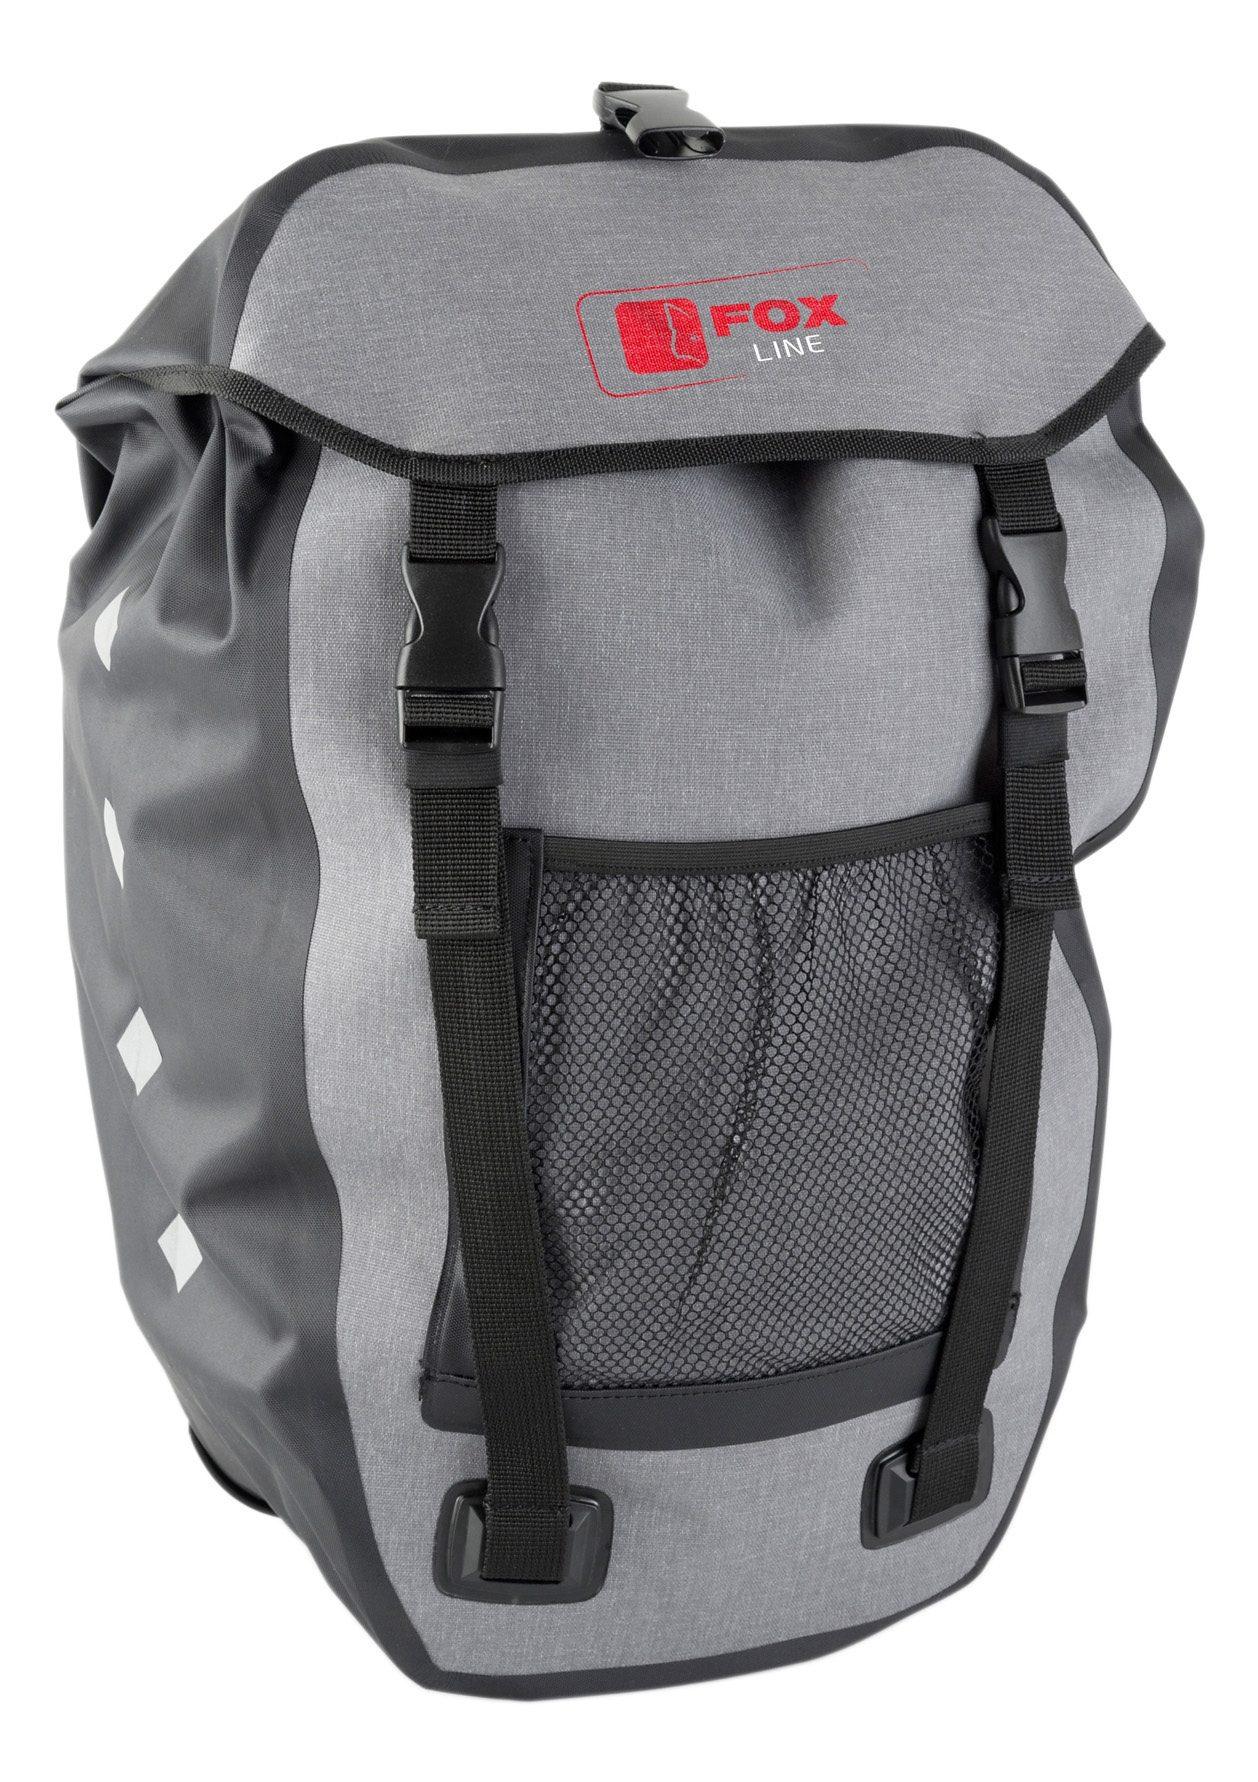 Fox Line Fahrradtasche Technik & Freizeit/Sport & Freizeit/Fahrräder & Zubehör/Fahrradzubehör/Fahrradtaschen/Gepäckträgertaschen